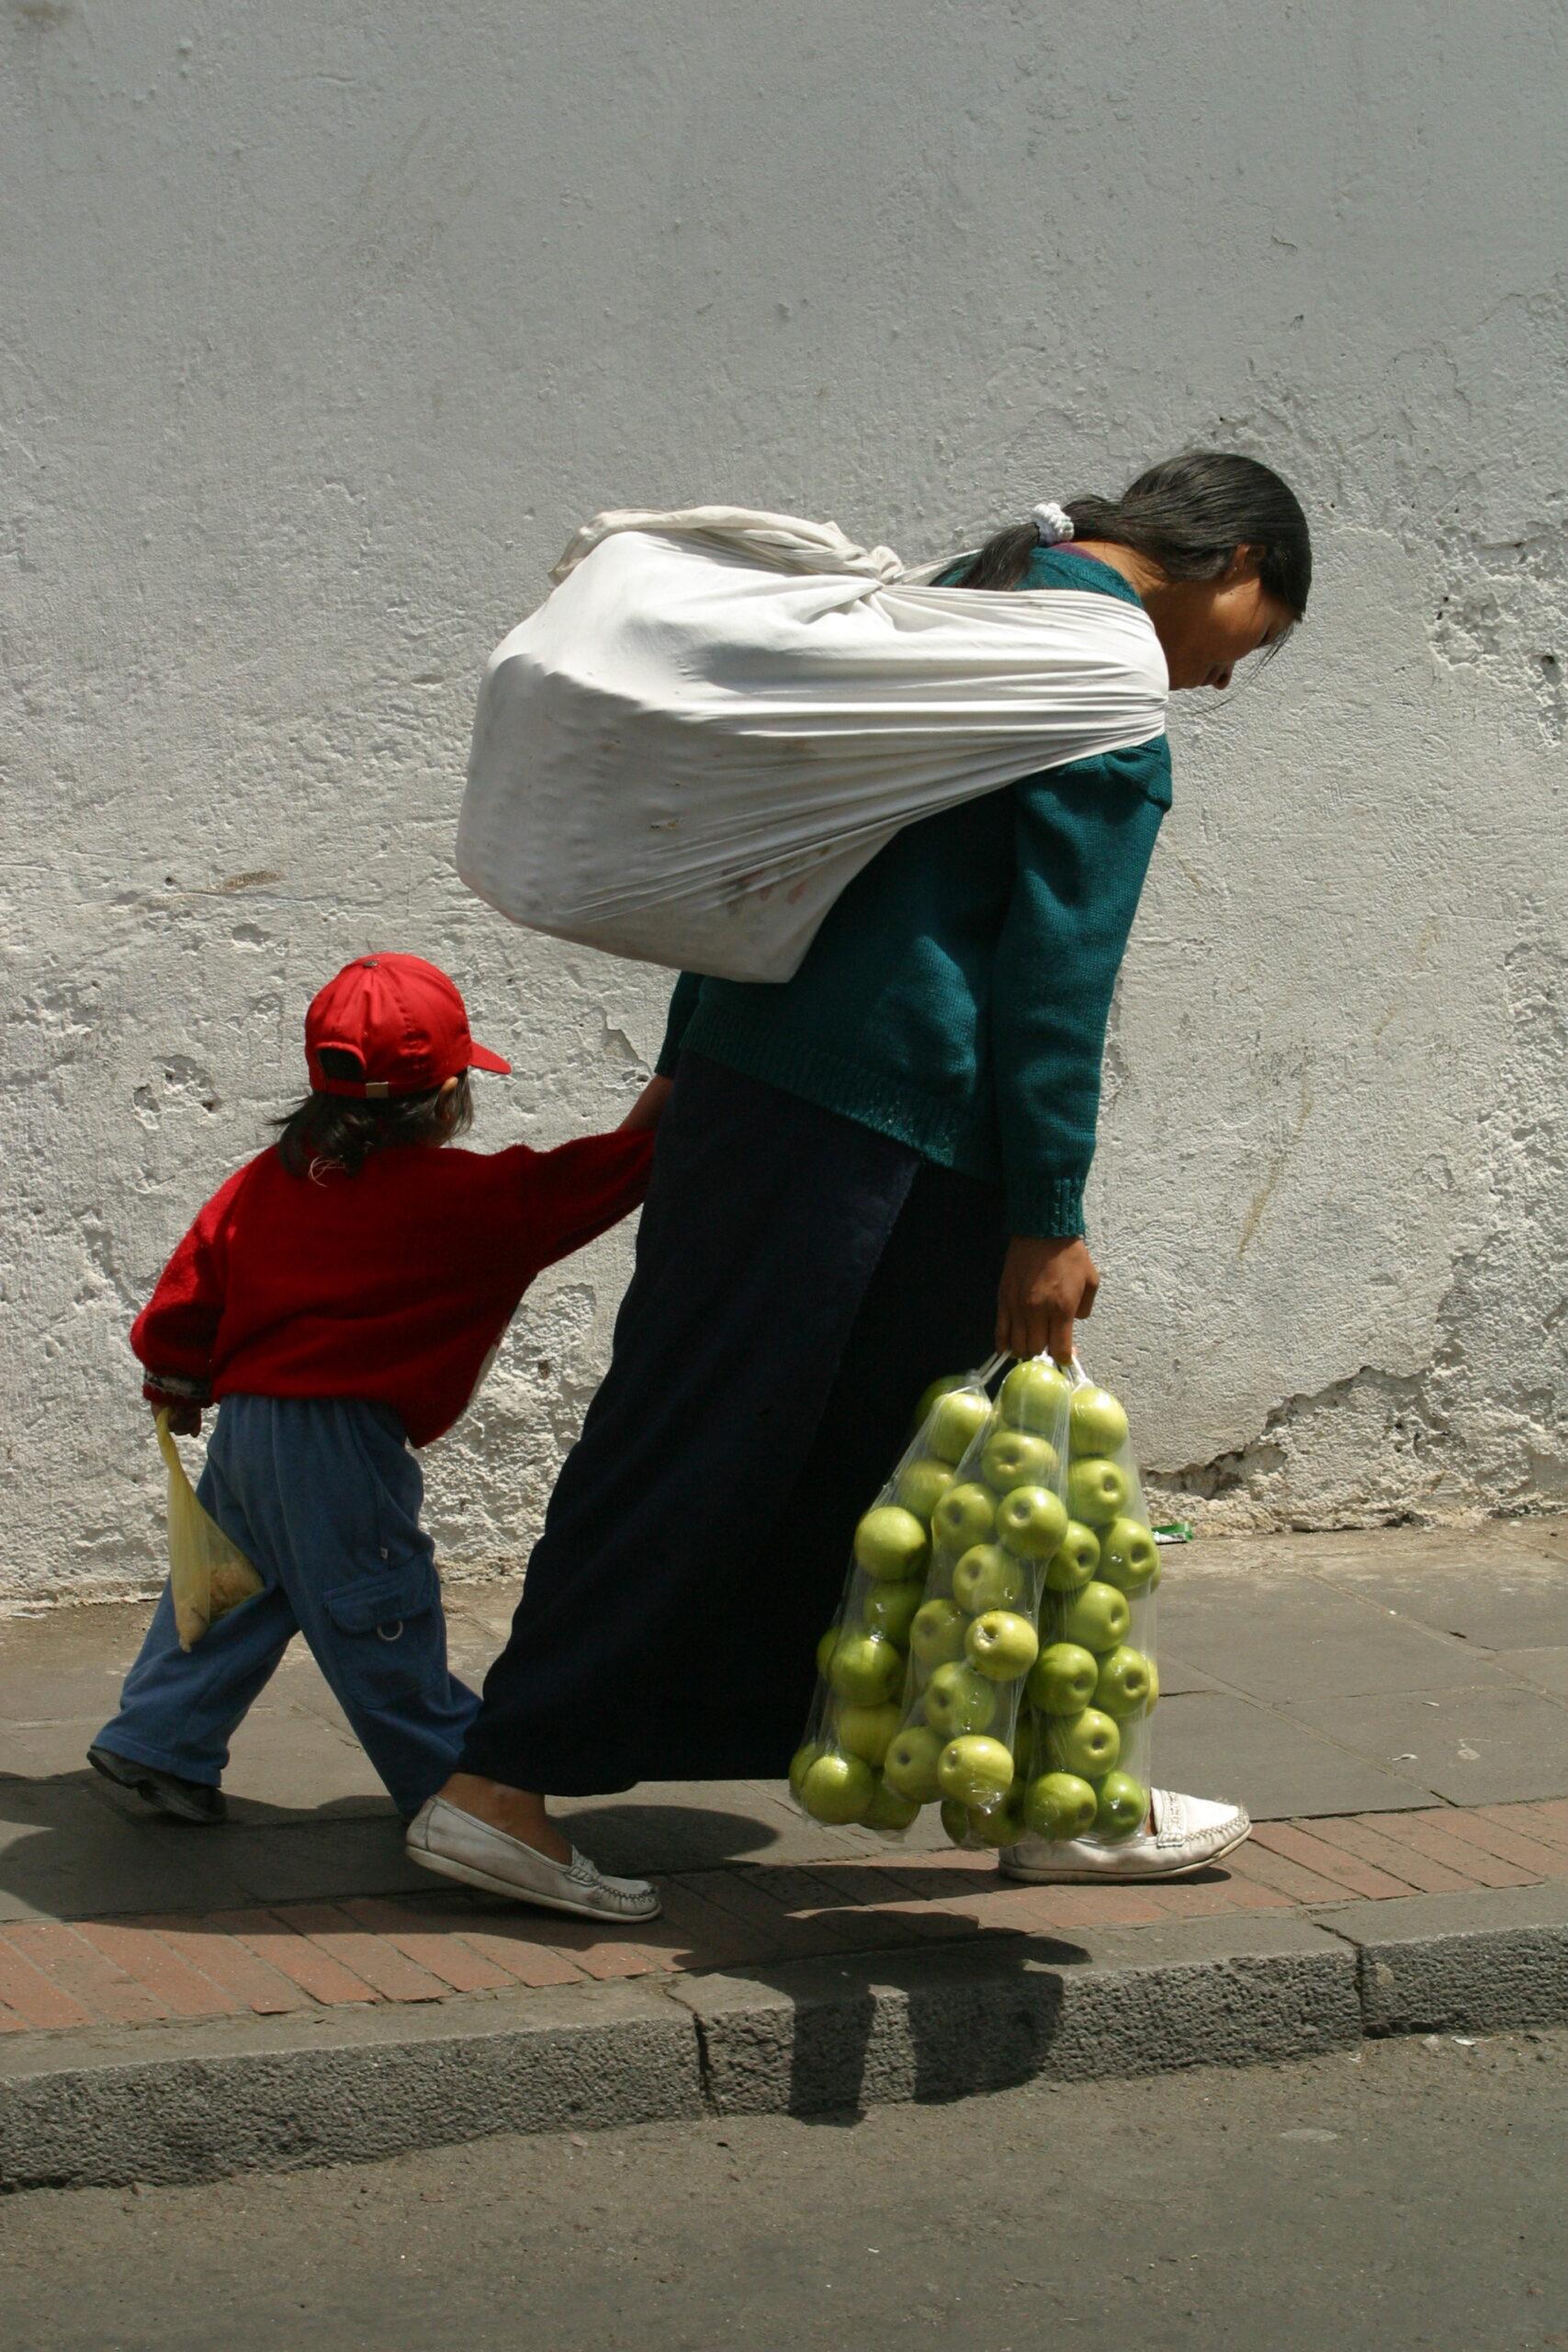 Imagen de la noticia Cooperasur: apoyo a la iniciativa regional América Latina y el Caribe libre de trabajo infantil fortaleciendo la cooperación Sur-Sur y triangular para el logro de la meta 8.7 (Pair-vi)